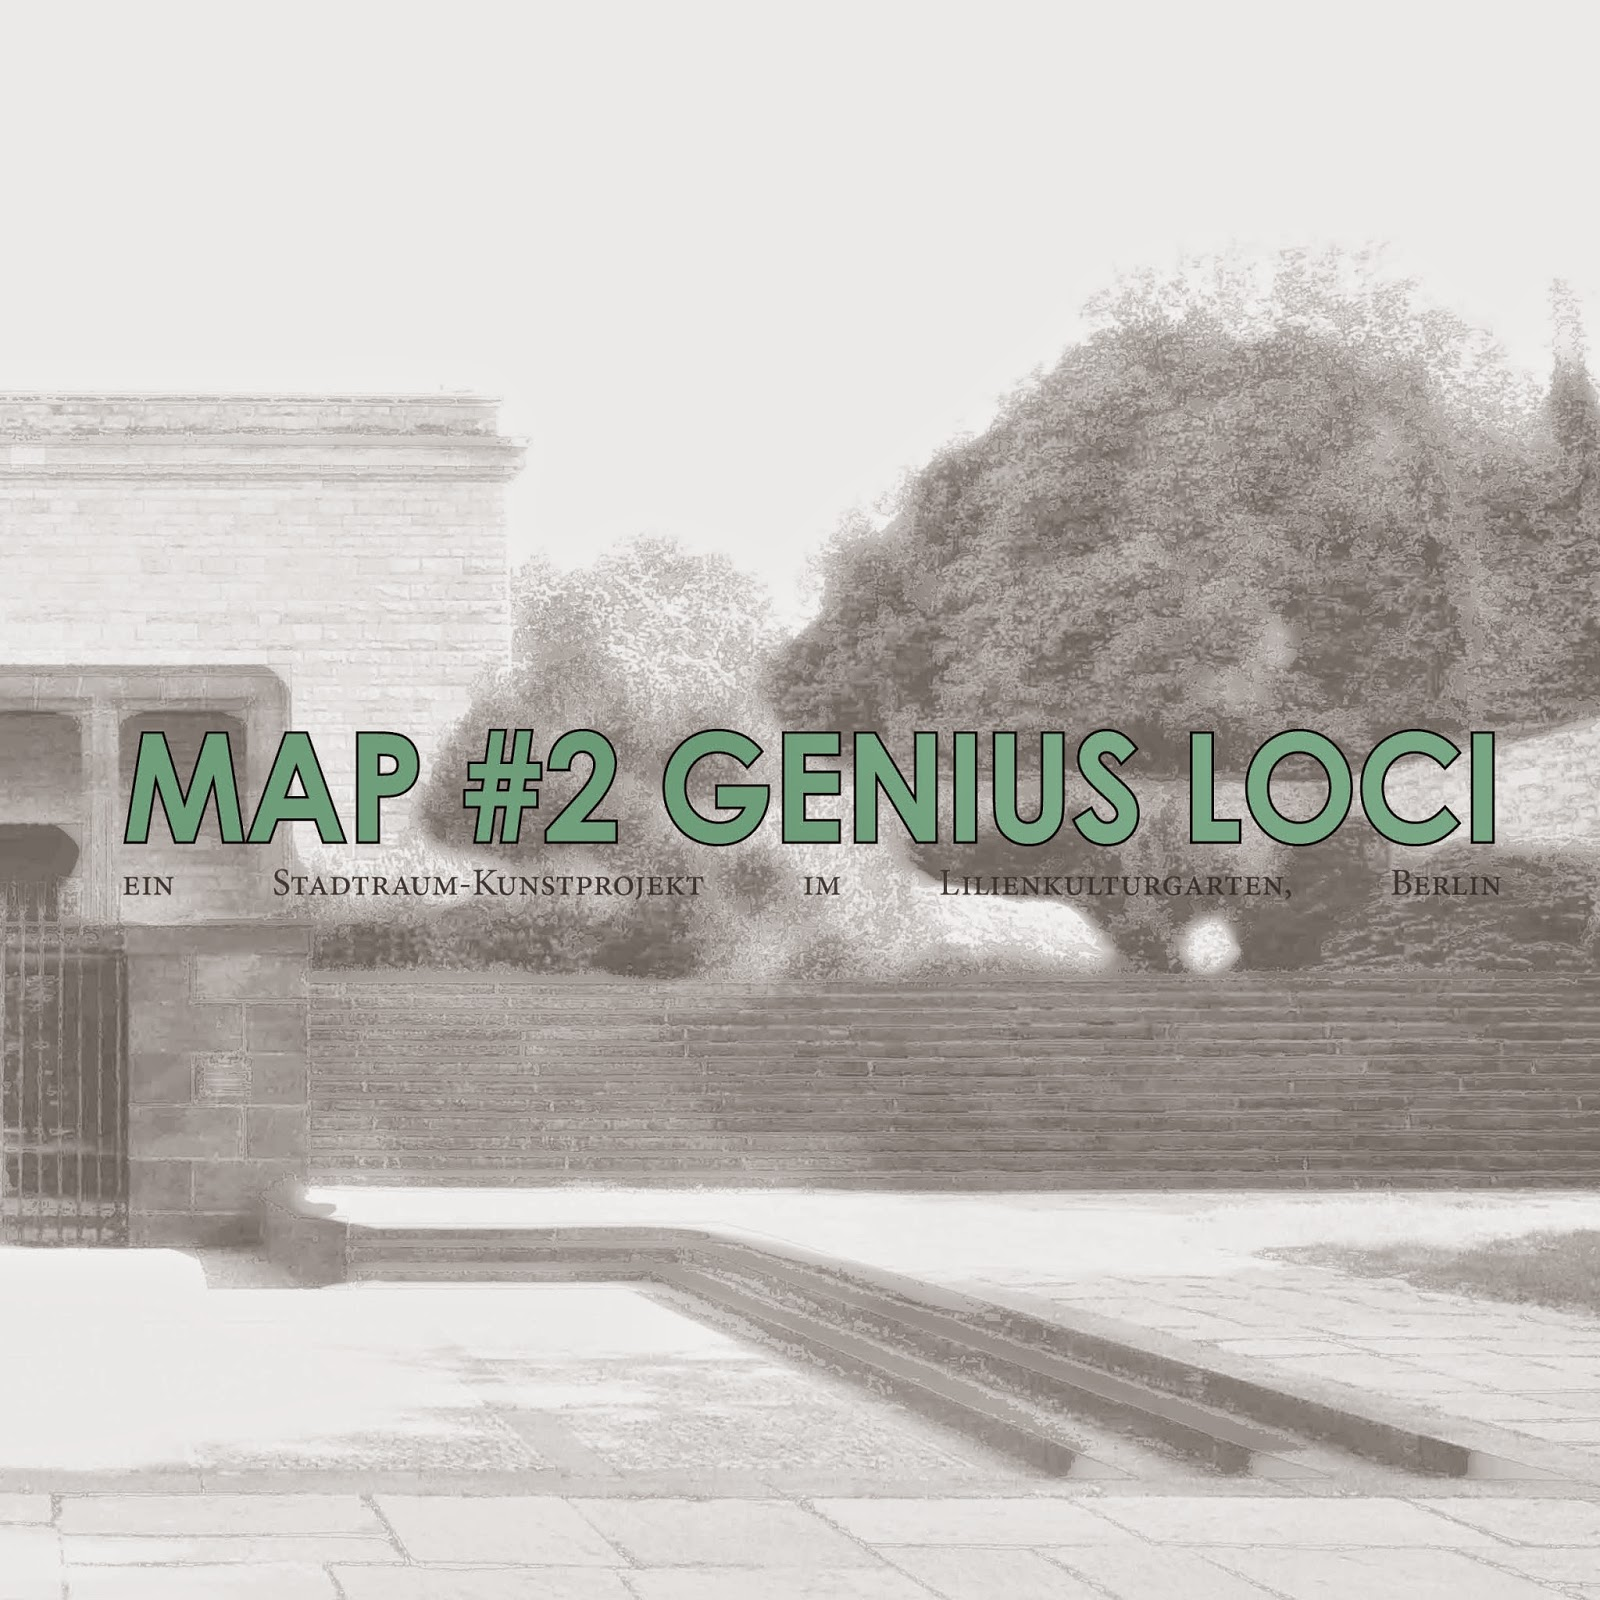 http://issuu.com/metallwerkstatt.tacheles/docs/genius_loci.isuu/1